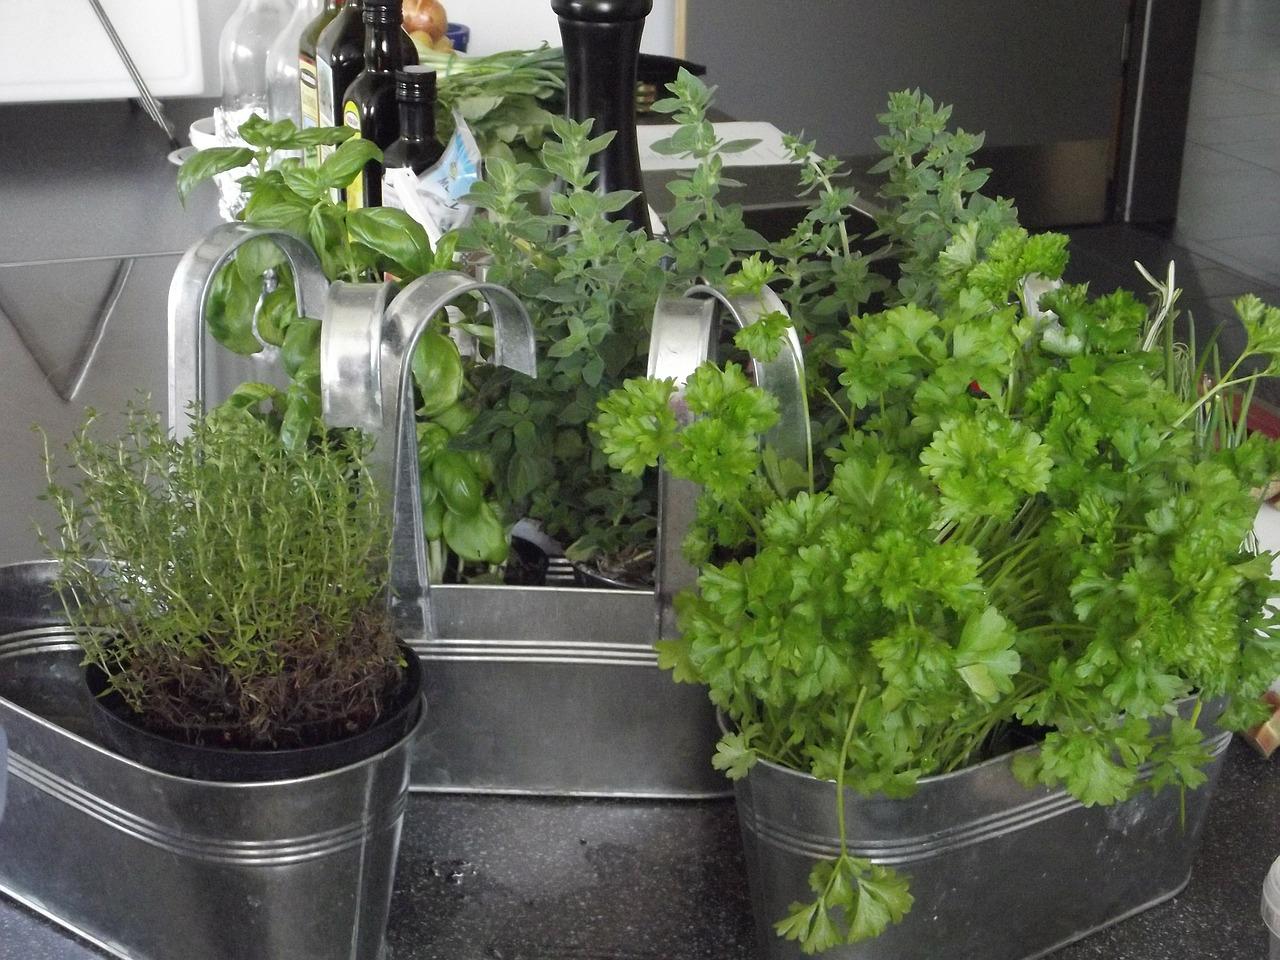 Faire Pousser Du Persil En Appartement un jardin aromatique sur son balcon - consofutur